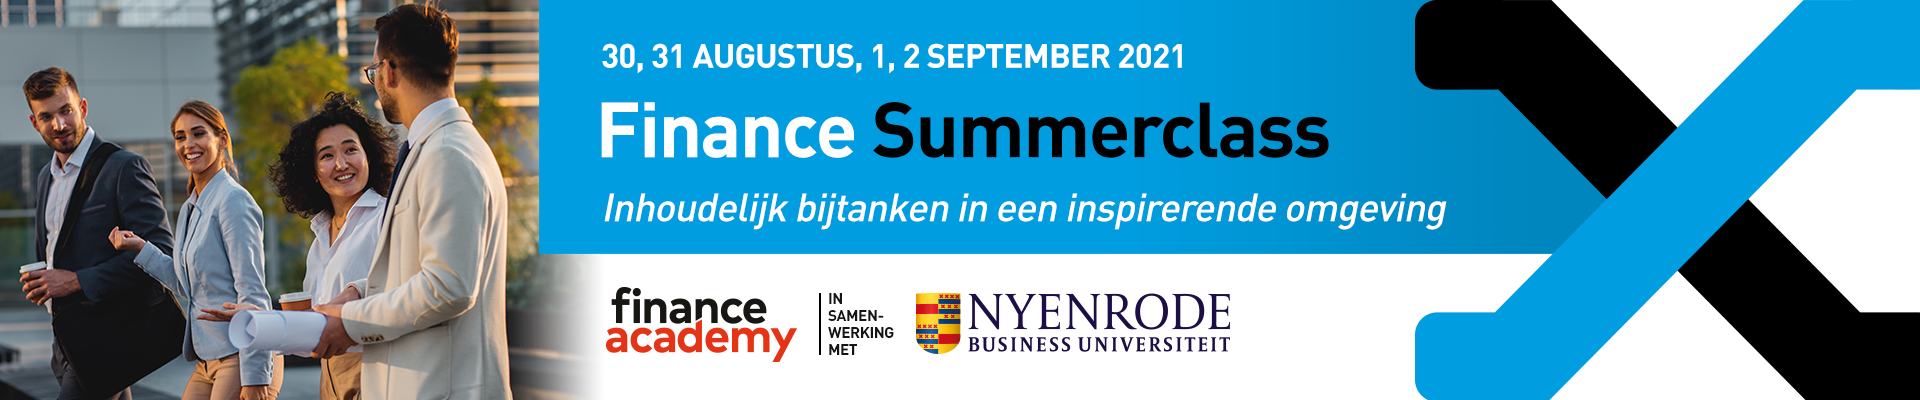 Finance Summer Classes 30 augustus t/m 2 september 2021